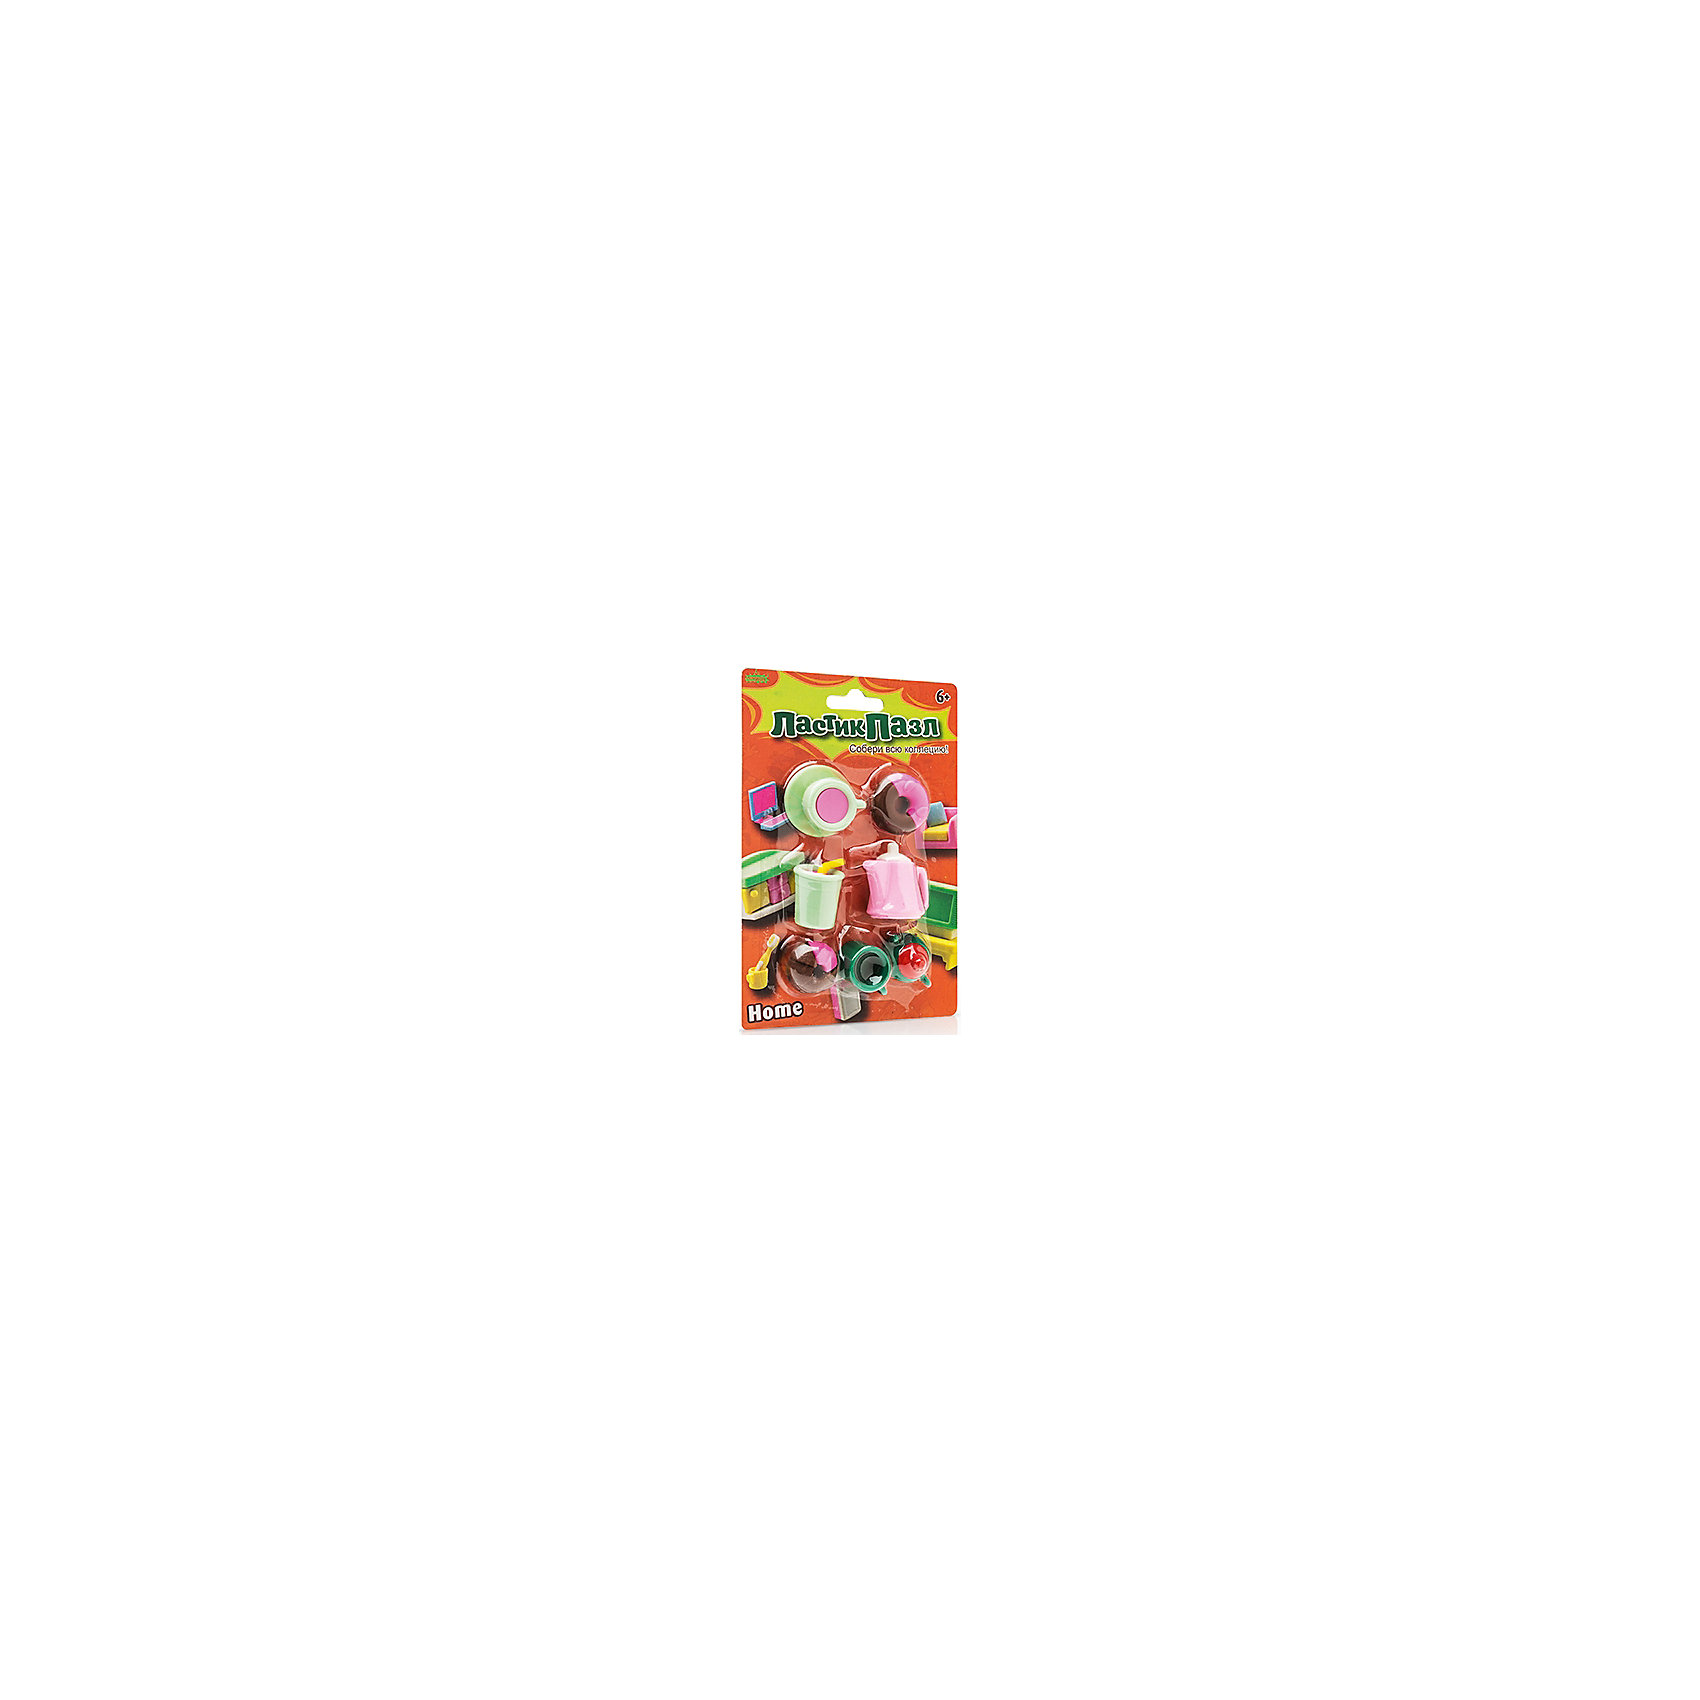 Набор Ластик-пазл - Домашний уют БумбарамНабор Ластики-пазлы на блистере Домашний уют, Бумбарам.<br><br>Характеристики:<br><br>• качественный ластик<br>• каждый ластик состоит из нескольких пазлов<br>• развивает внимательность, усидчивость и мелкую моторику<br>• яркий дизайн<br>• материал: резина<br>• размер фигурок: 2-4 см<br>• размер упаковки: 13,5х9,5 см<br>• вес: 85 грамм<br><br>Набор Ластики-пазлы на блистере Домашний уют содержит 7 различных атрибутов для уютного отдыха дома. Все фигурки можно разобрать, а затем снова собрать пазл. Это поможет развить мелкую моторику, внимательность и логику. Такие универсальные ластики пригодятся каждому ребенку!<br><br>Набор Ластики-пазлы на блистере Домашний уют, Бумбарам вы можете купить в нашем интернет-магазине.<br><br>Ширина мм: 135<br>Глубина мм: 95<br>Высота мм: 50<br>Вес г: 85<br>Возраст от месяцев: 72<br>Возраст до месяцев: 144<br>Пол: Женский<br>Возраст: Детский<br>SKU: 5054012